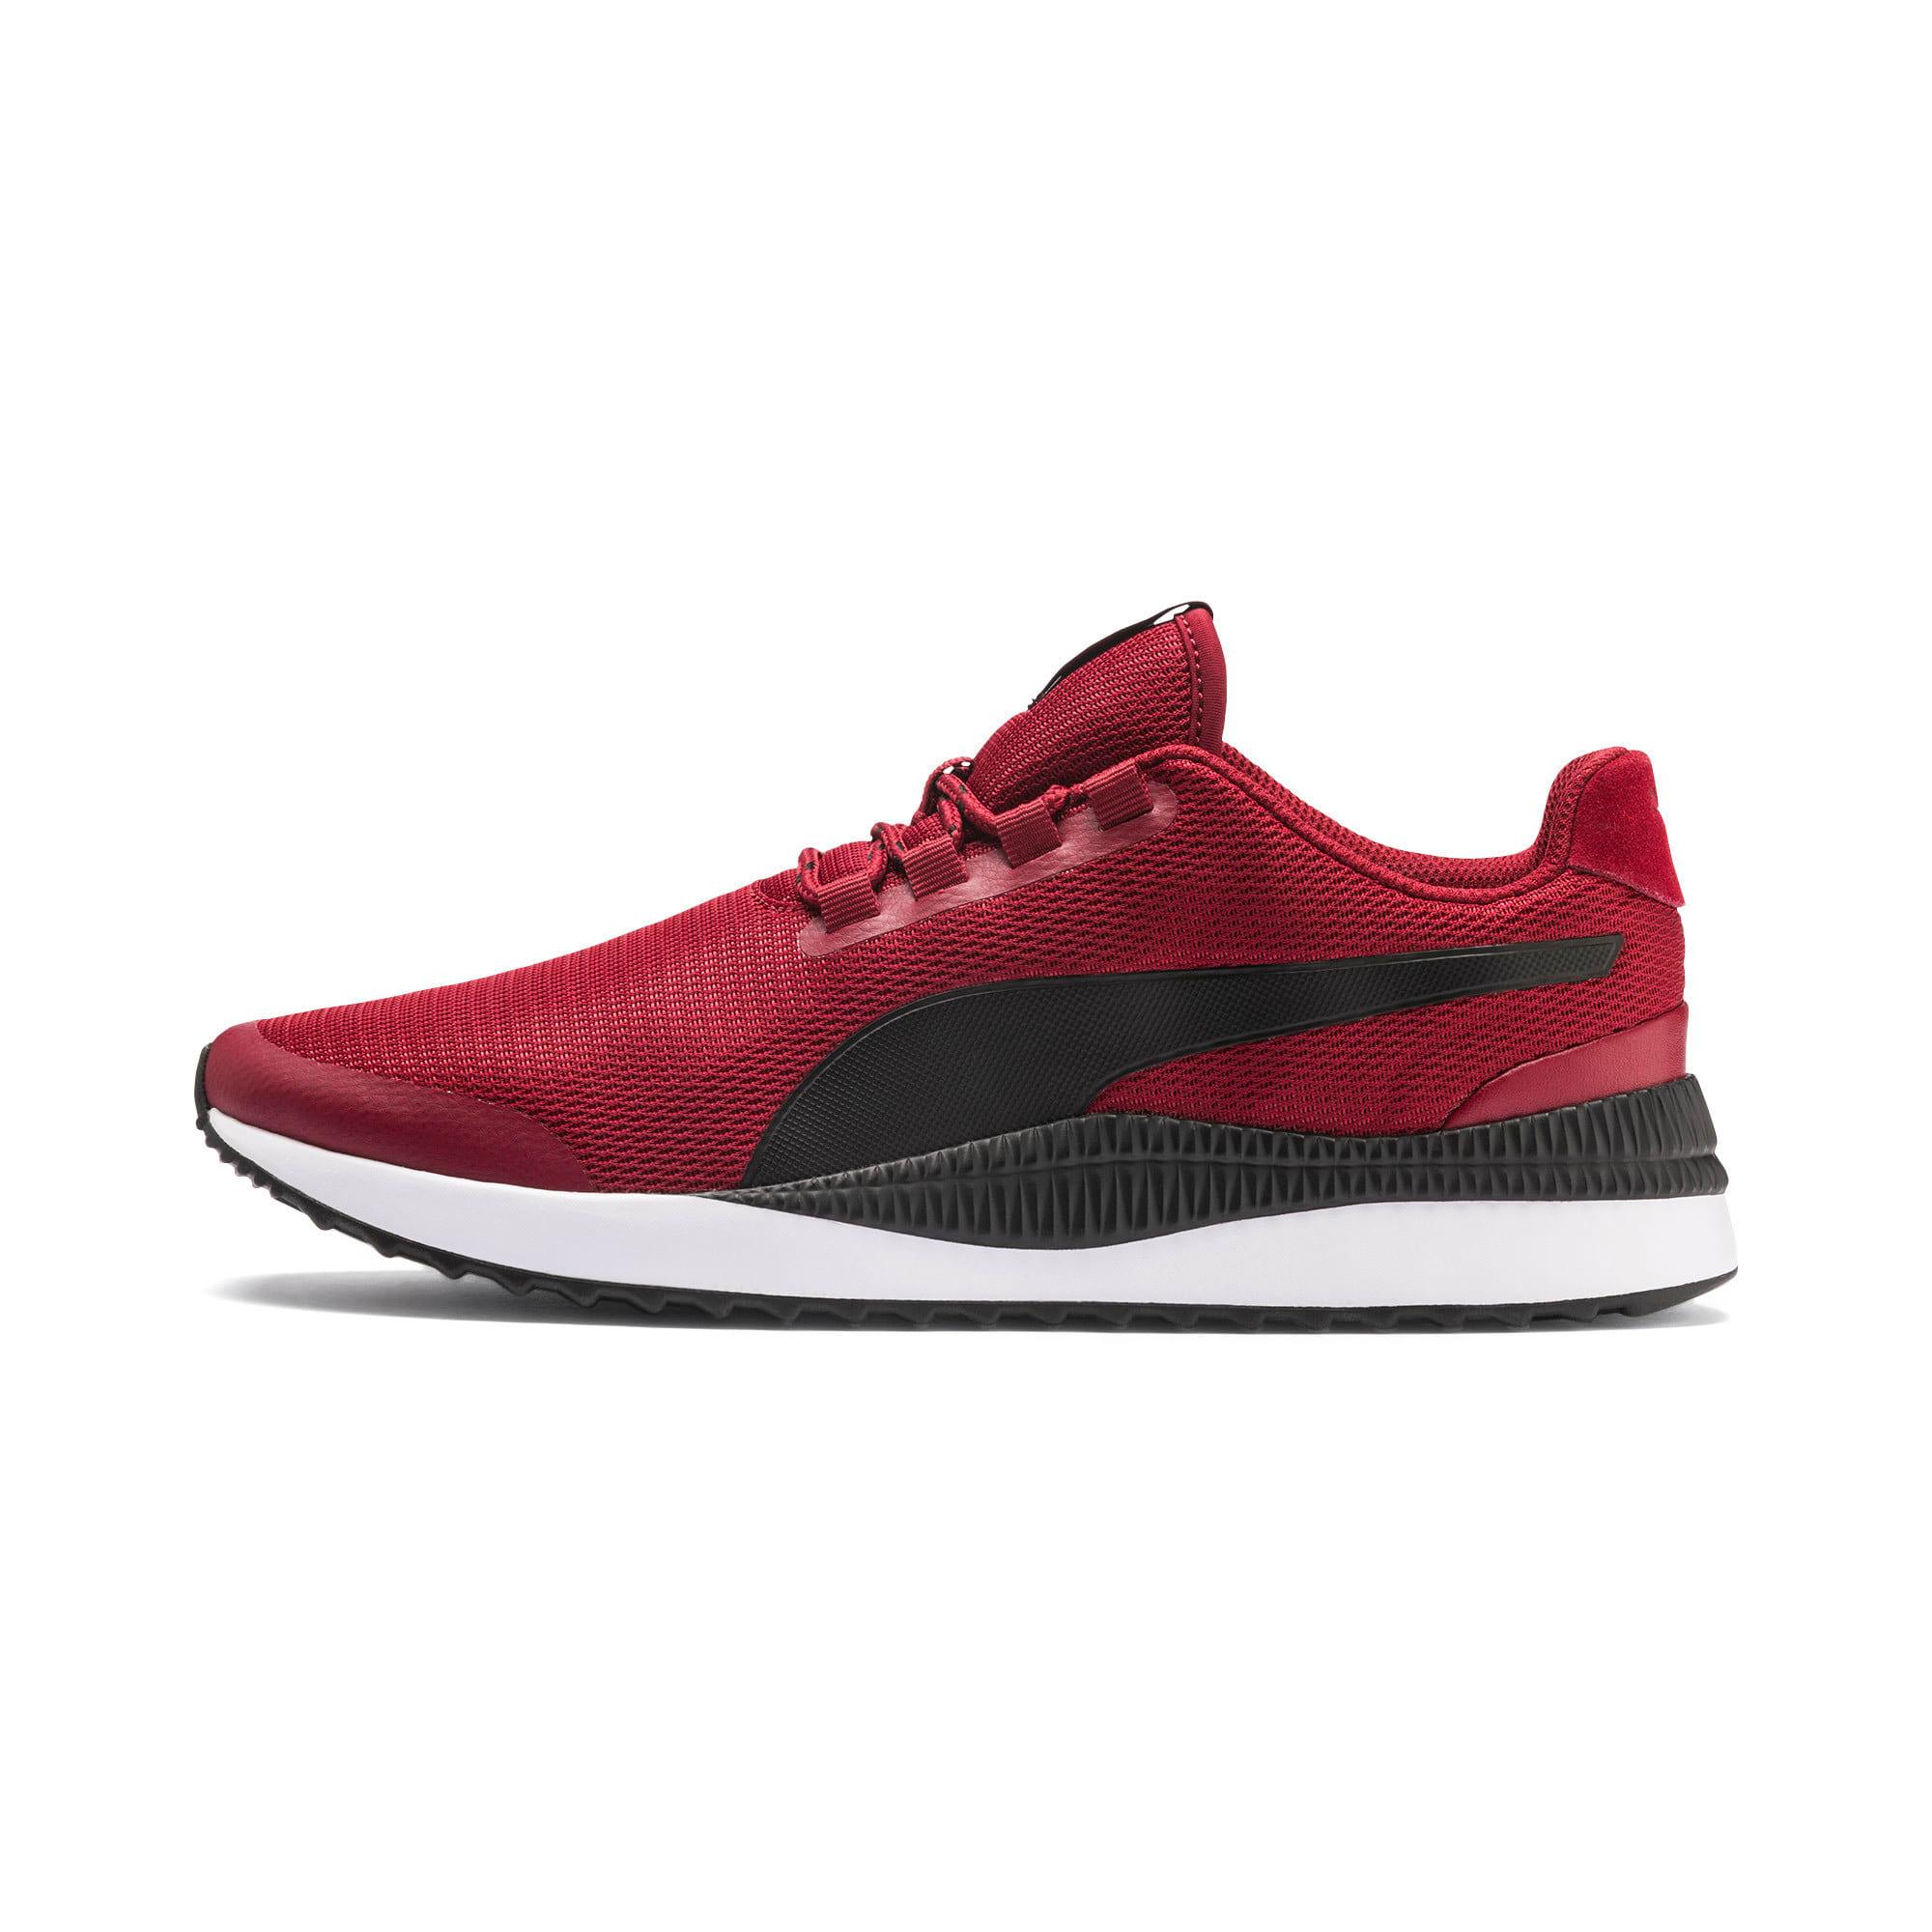 Miniatura 1 de Zapatos deportivosPacer Next FS, Rhubarb-Puma Black, mediano